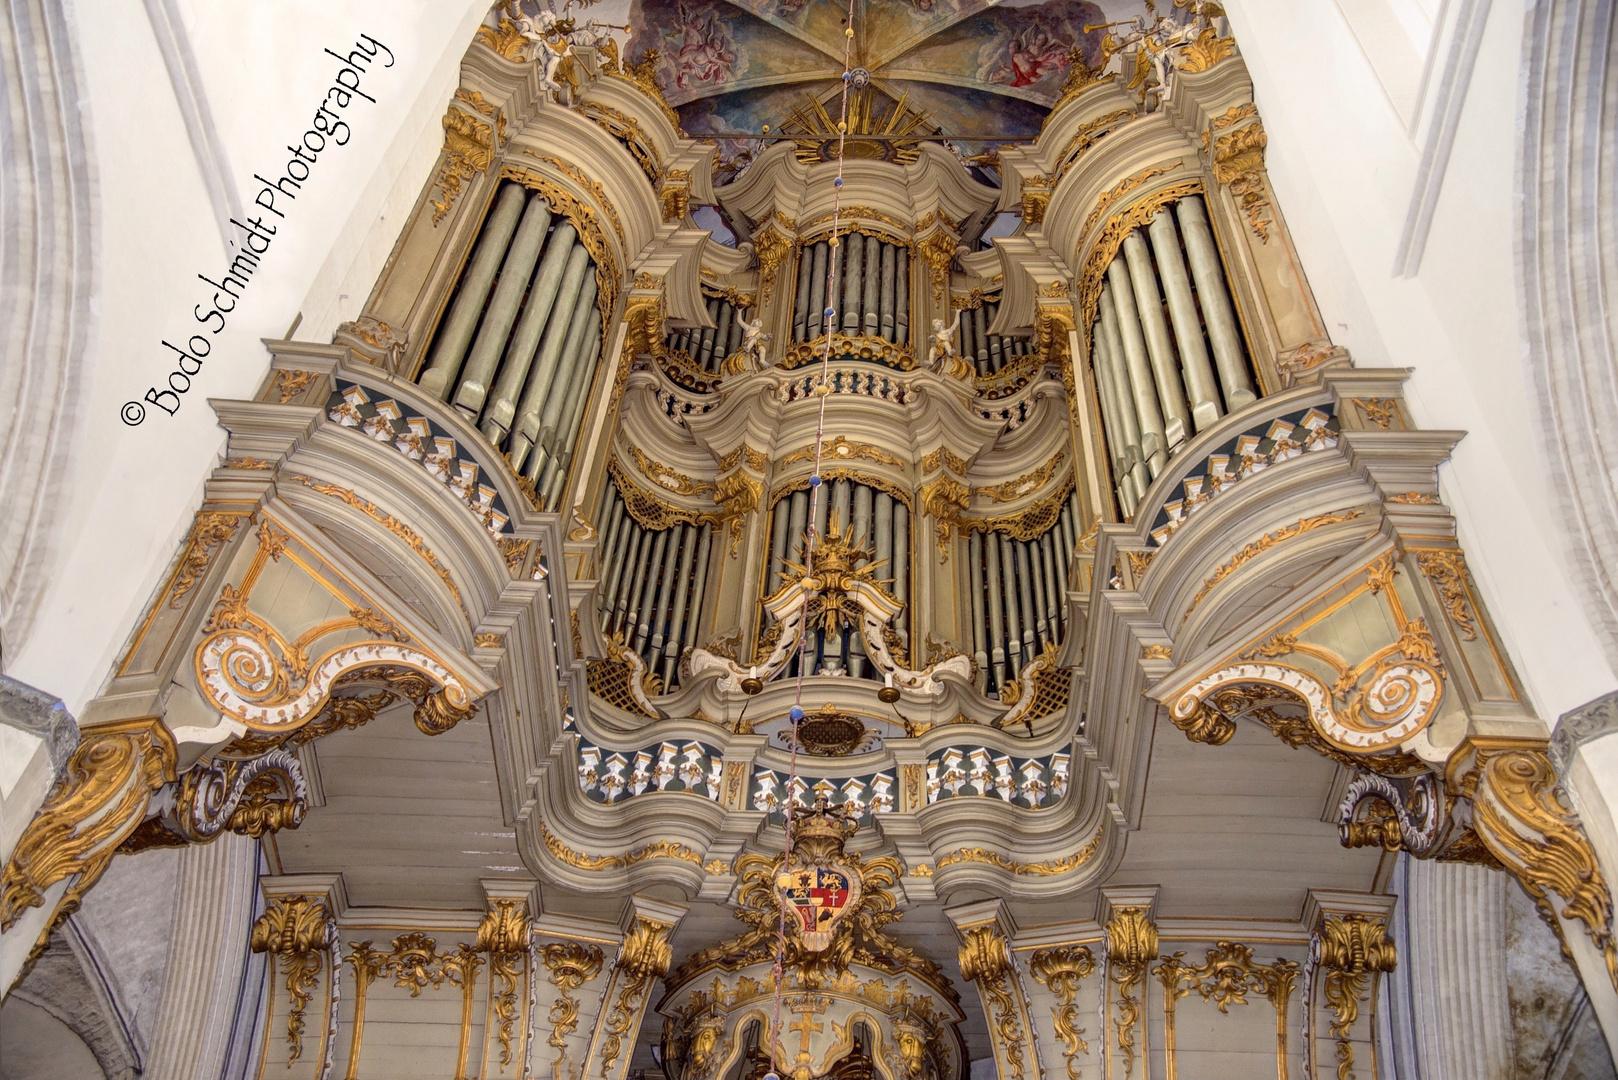 St. Marienkirche in Rostock (Heinrich Glowatz Orgel)